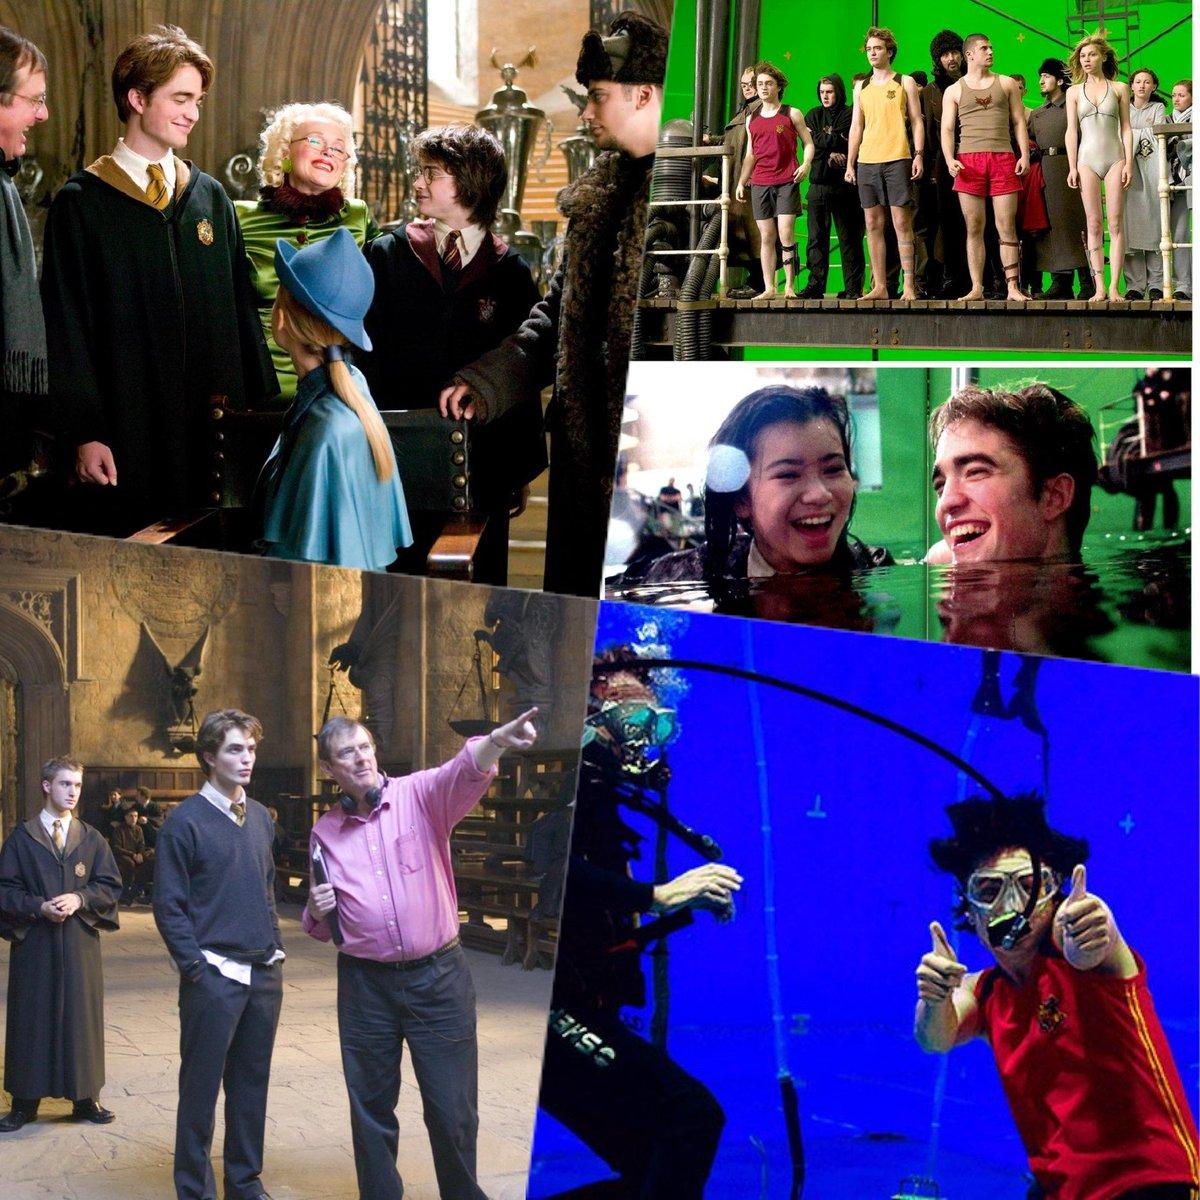 Harry Potter France's photo on Du 18